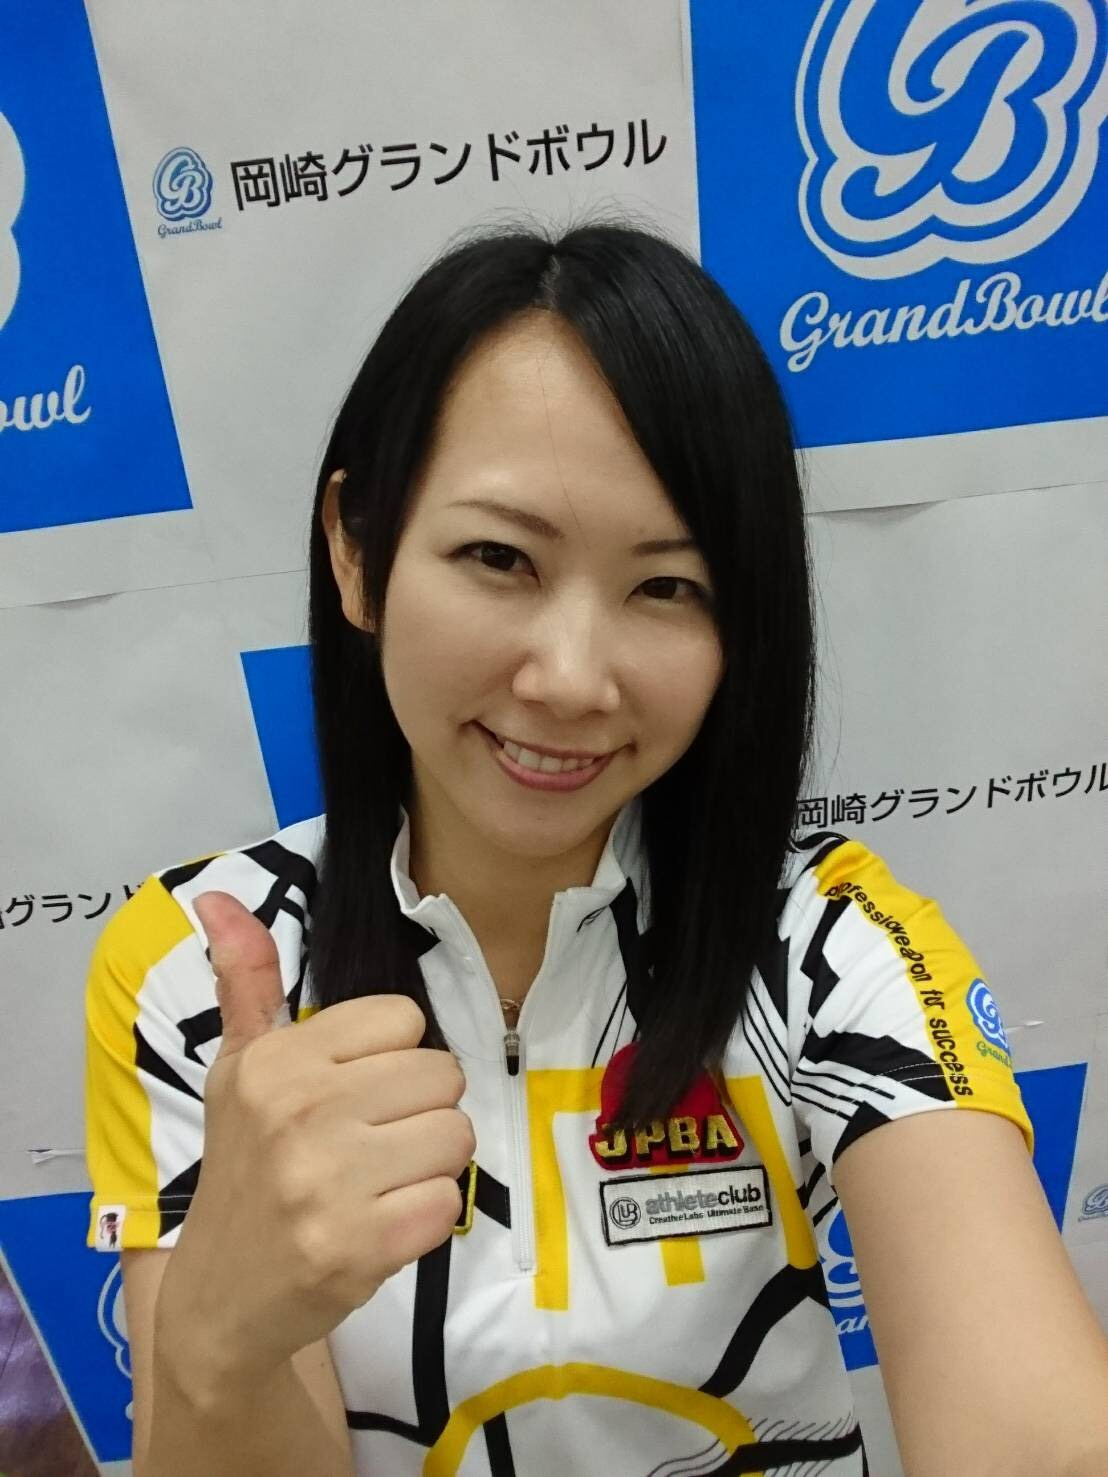 グランドボウルにてチャレンジマッチ☆_d0156990_23534130.jpg